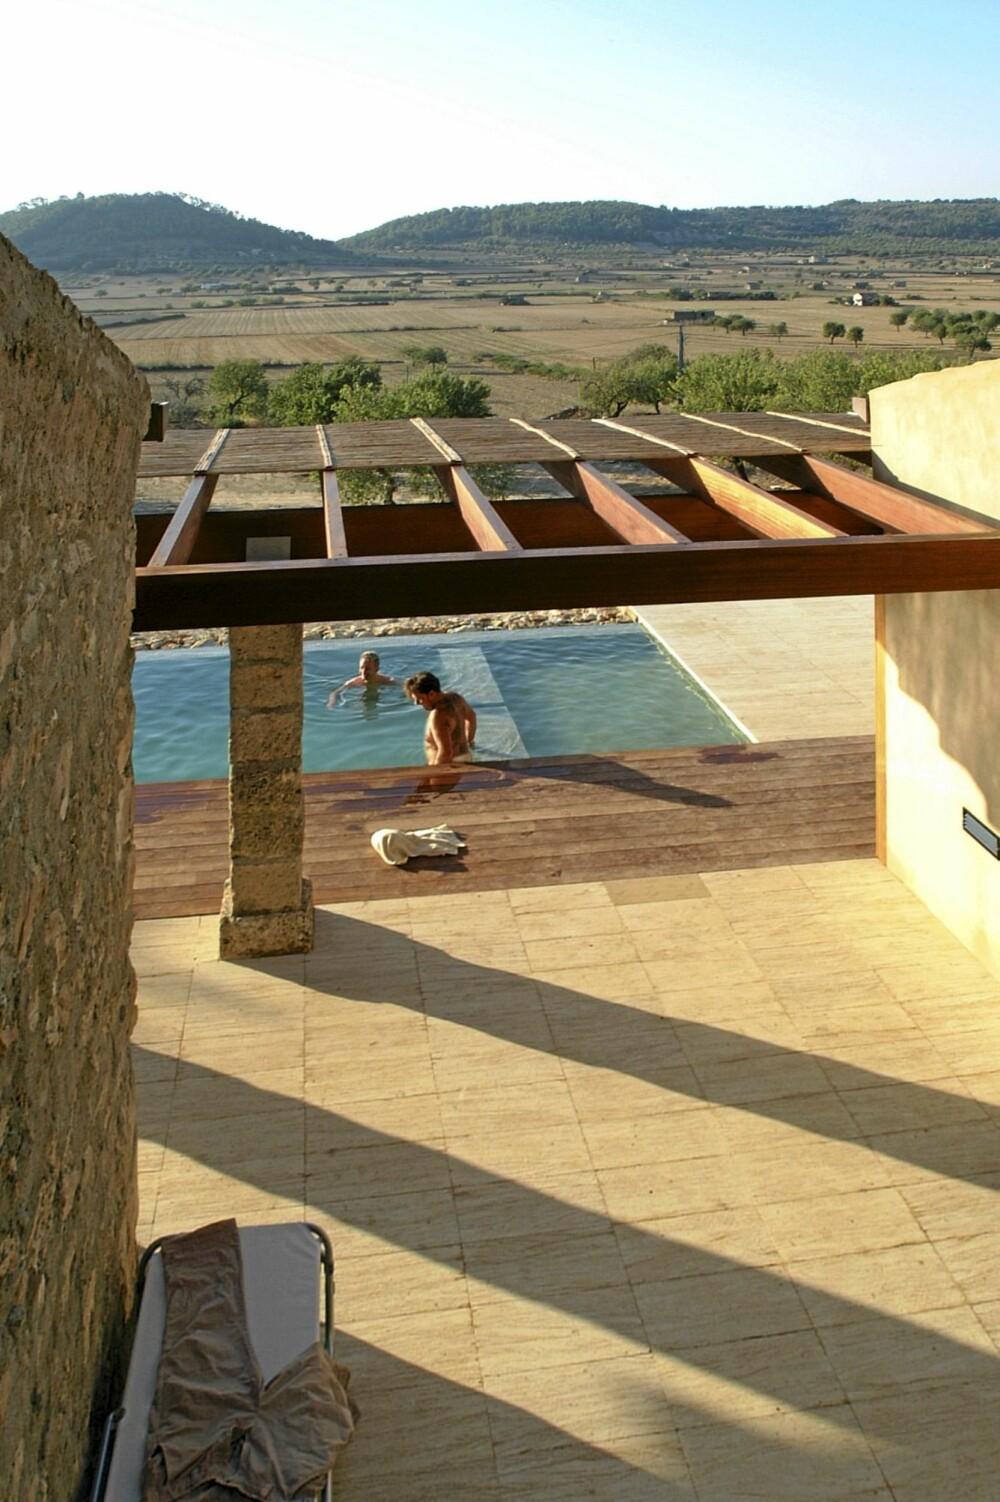 UTSIKT MOT ET INTAKT LANDSKAP: Dette området midt på Mallorca preges av aktivt  jorbruk i pakt med eldgamle tradisjer. Her dyrkes det blant annet mandler. Foran terrassen er det bygget natursteinmurer etter lokal byggeskikk.